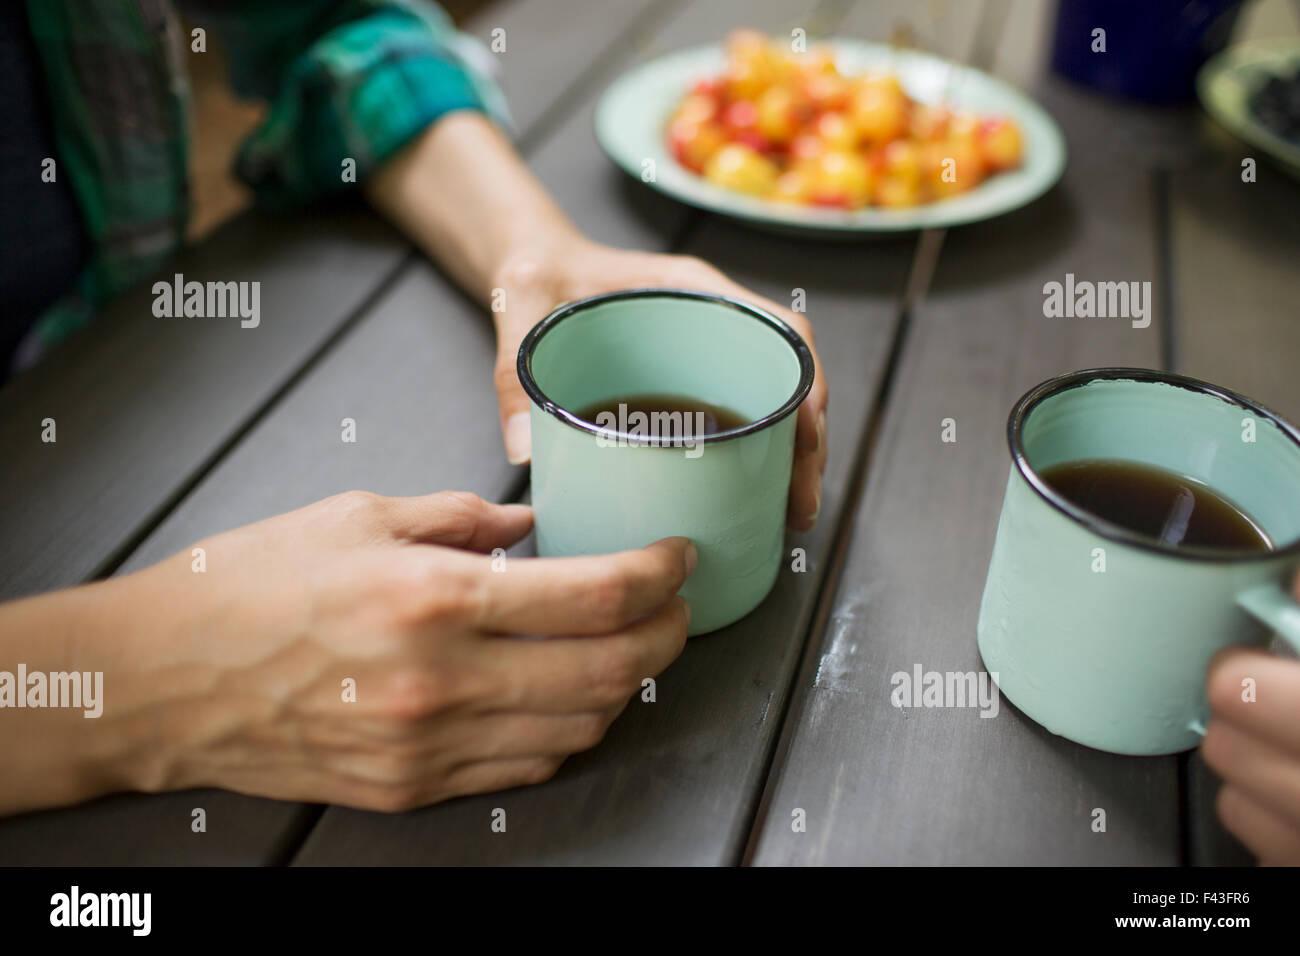 Zwei Personen an einem Tisch sitzen, Kaffee trinken, von oben gesehen. Stockbild